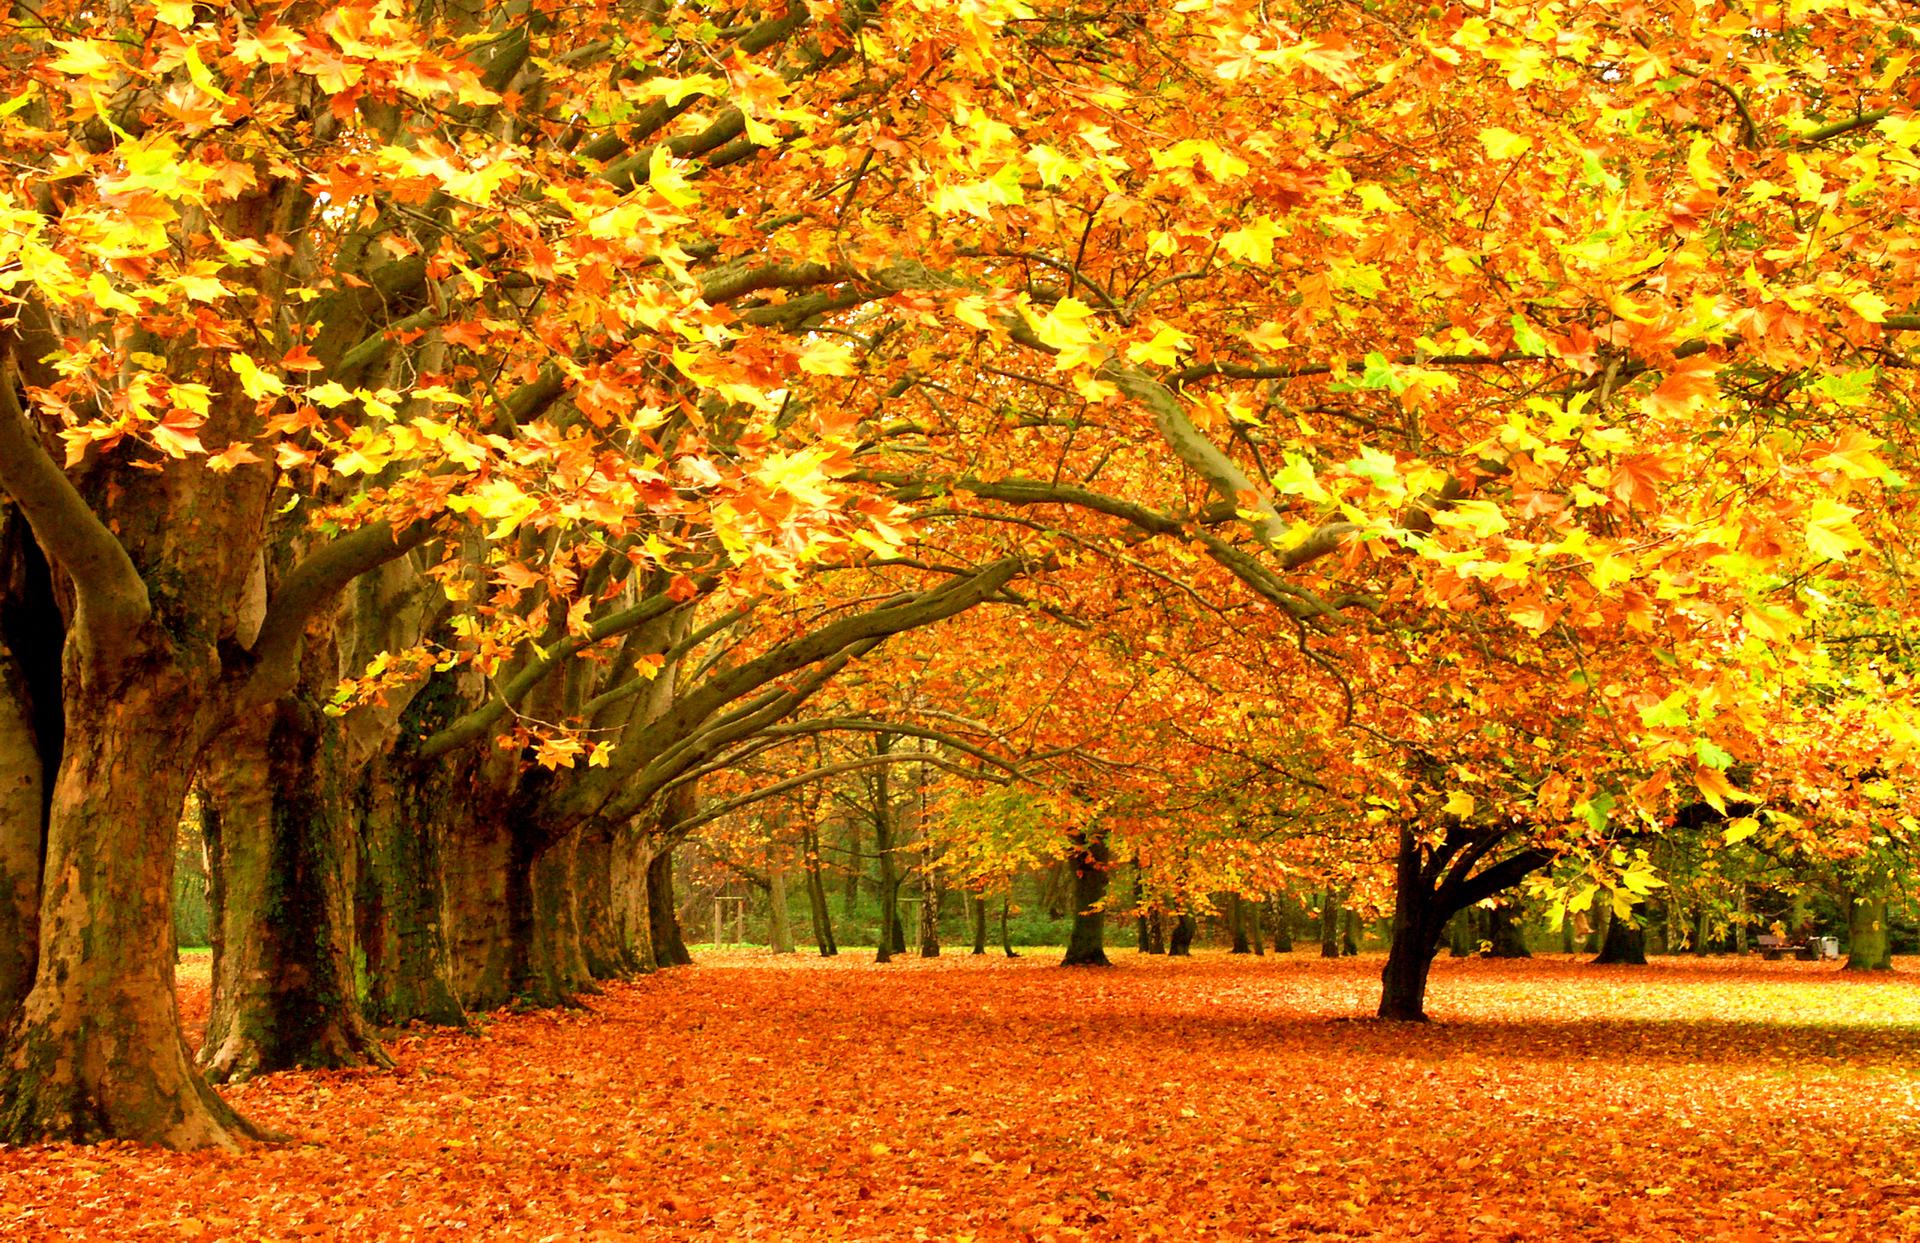 Beautiful Autumn Forest Wallpaper PC 6765 Wallpaper High Resolution 1920x1243